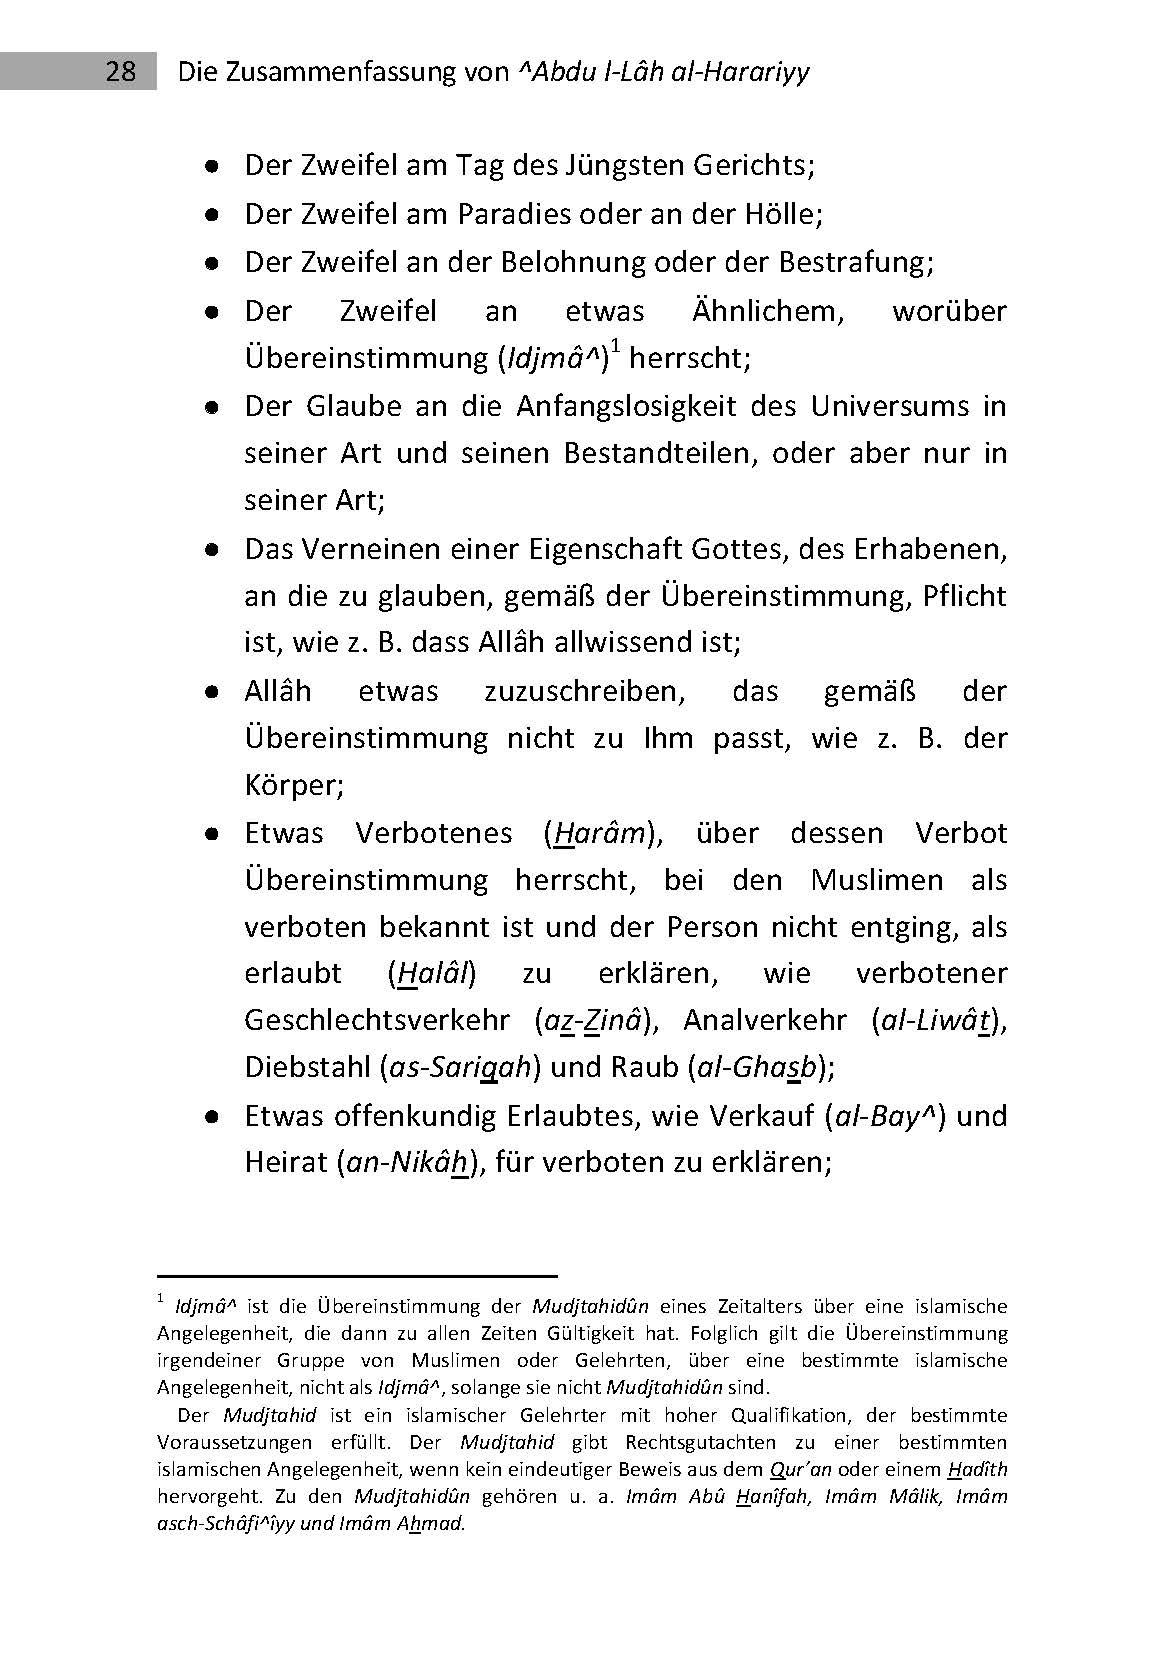 Die Zusammenfassung - 3. Auflage 2014_Seite_28